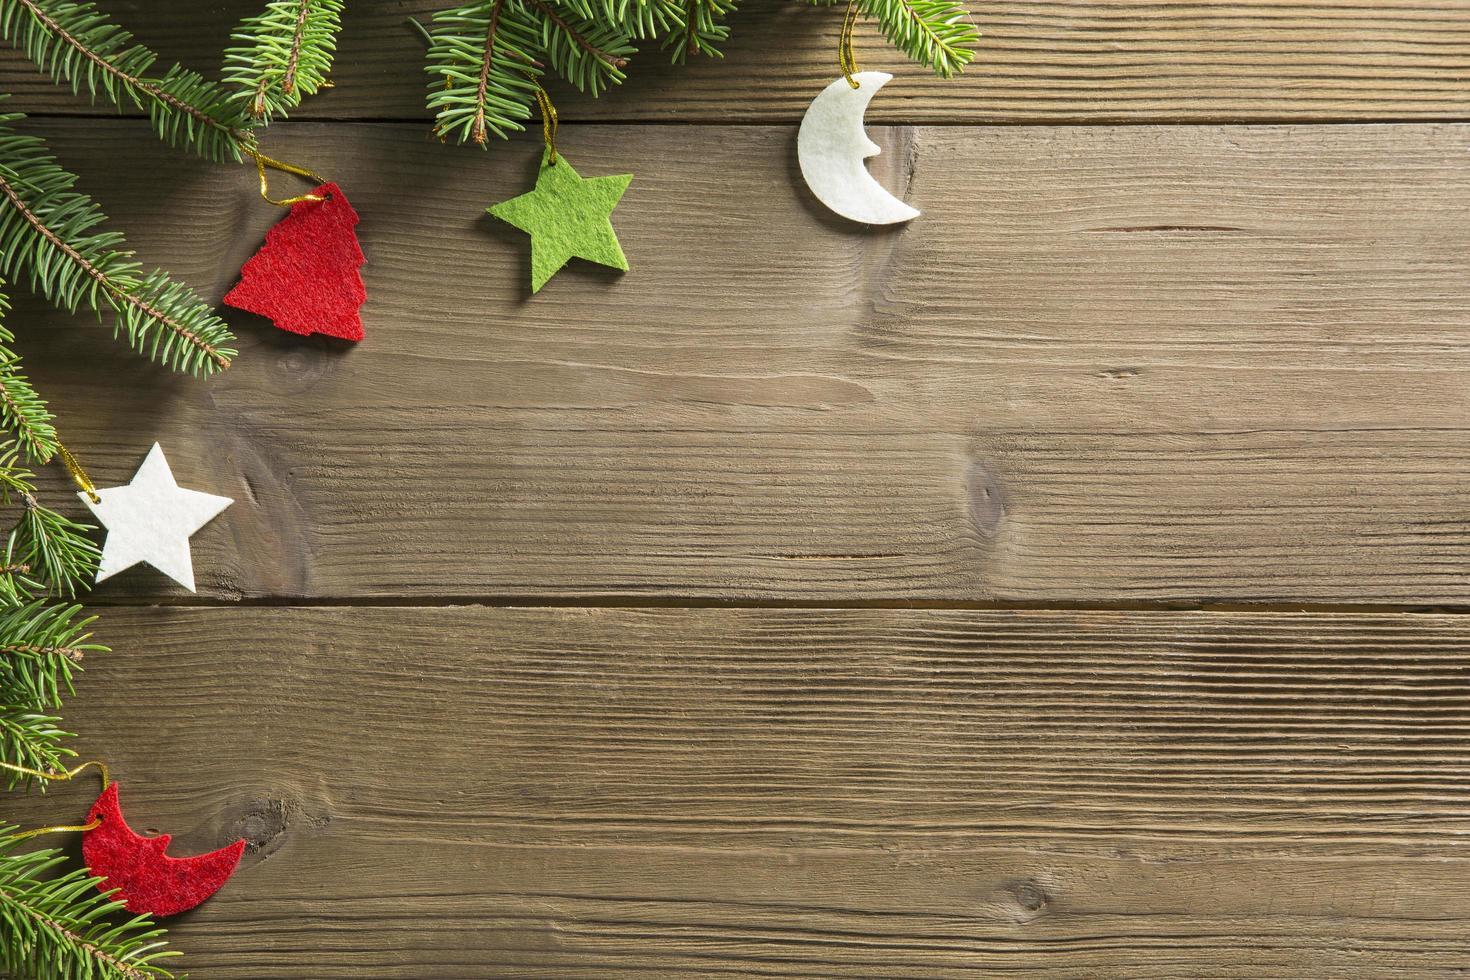 décorations de Noël sur une table en bois photo